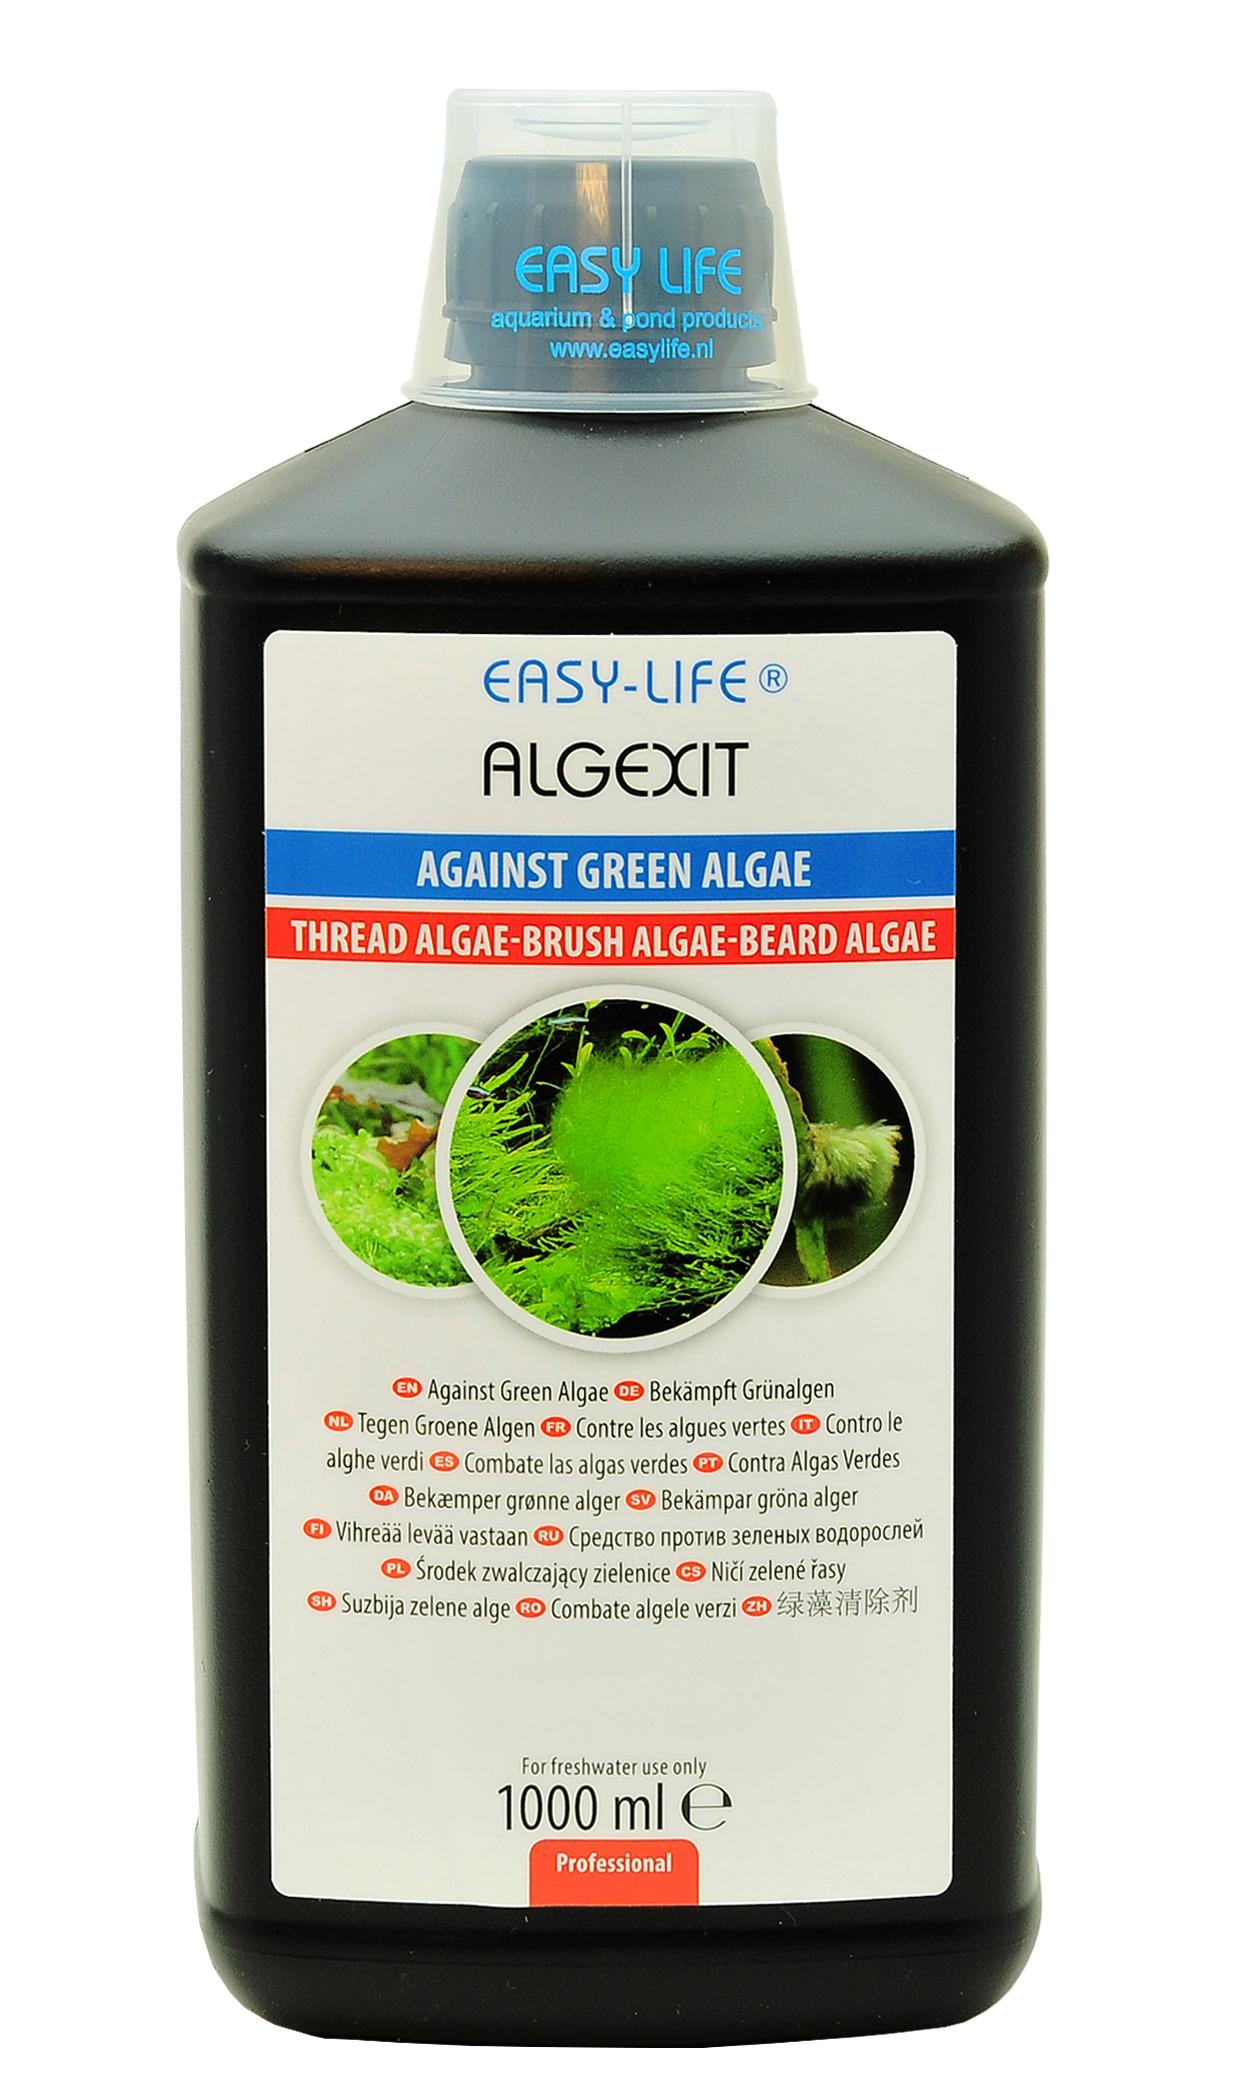 EASY-LIFE AlgExit 1L élimine tous types d\'algues vertes dans les aquariums. Traite jusqu\'à 10000 litres.